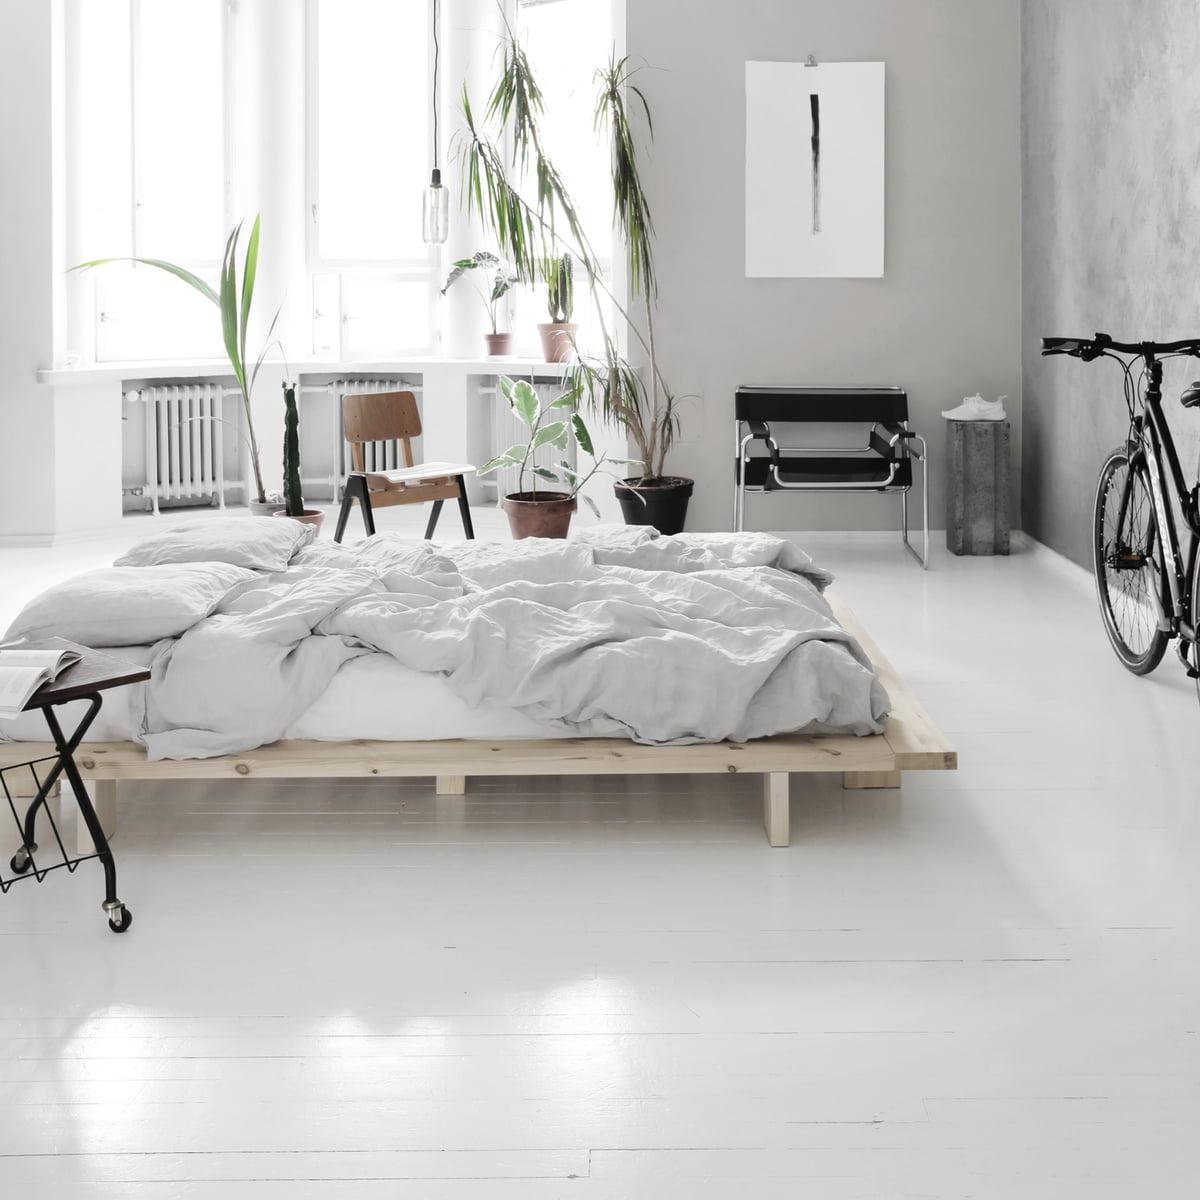 Full Size of Tatami Bett Futonbett Japan Von Karup Design Connoshop 180x200 Mit Bettkasten Betten Für übergewichtige Bette Badewannen Topper Rauch Jugend Hunde Stauraum Bett Tatami Bett